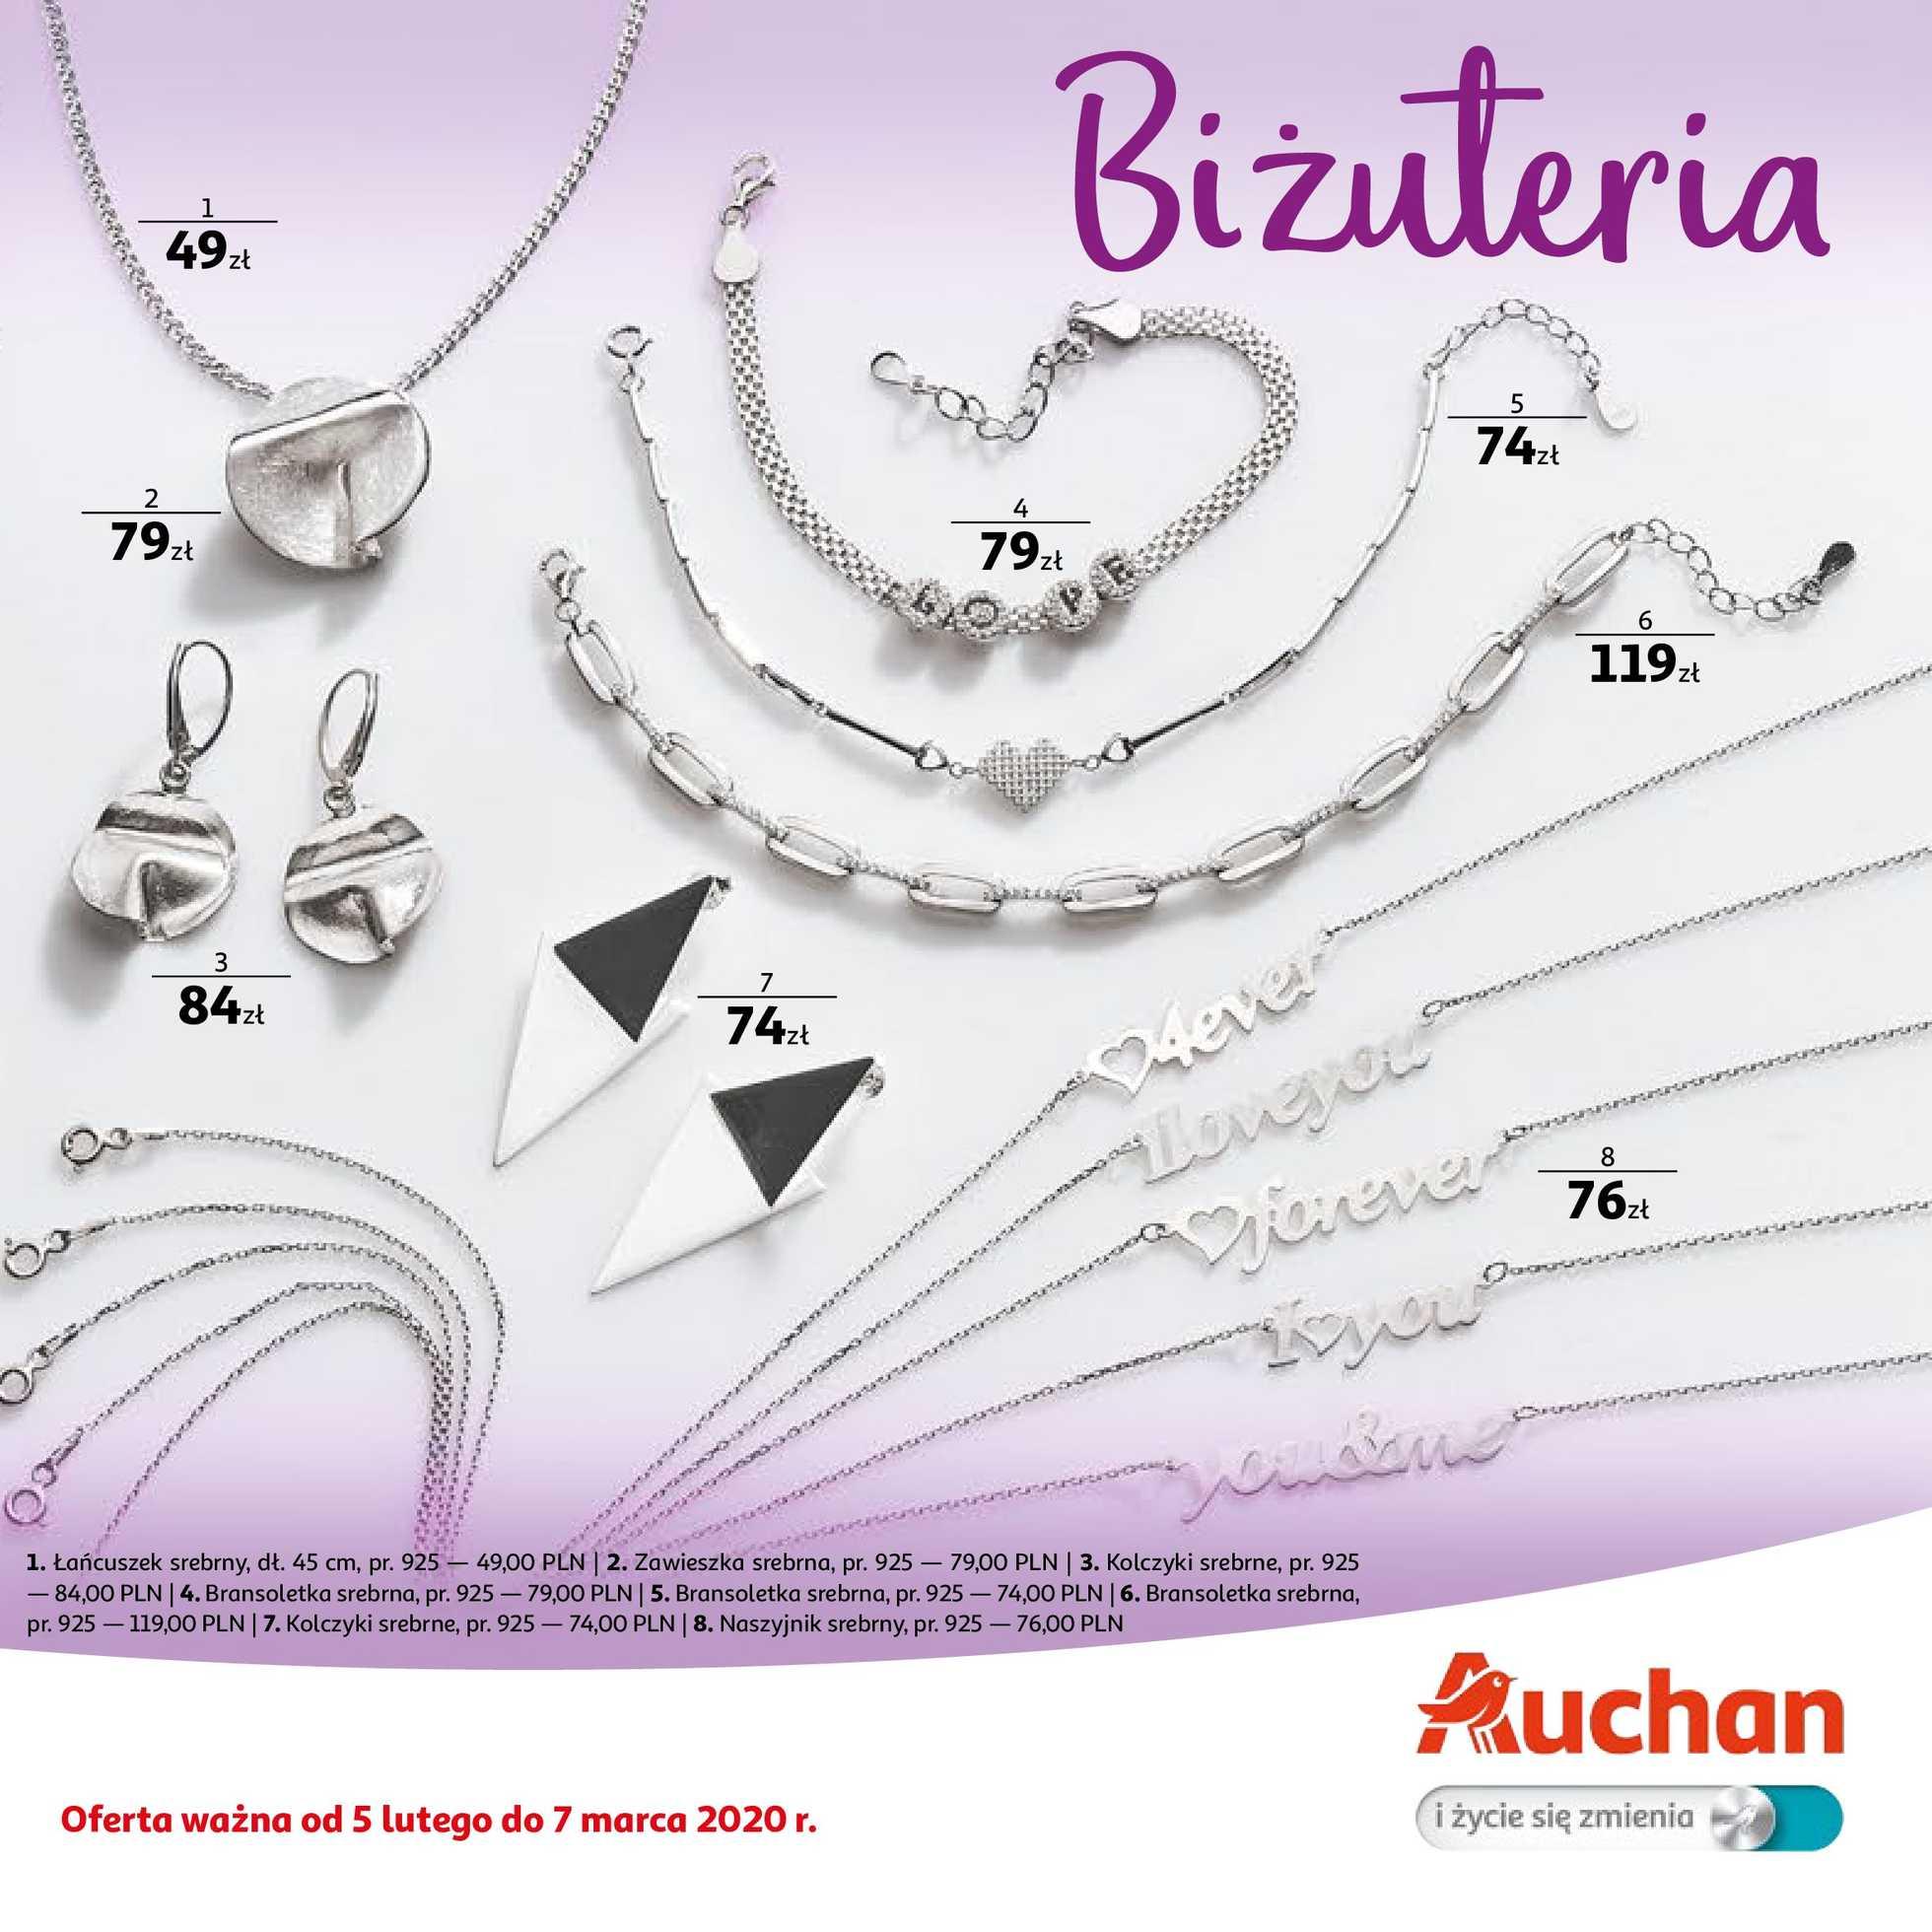 Auchan - gazetka promocyjna ważna od 05.02.2020 do 07.03.2020 - strona 1.